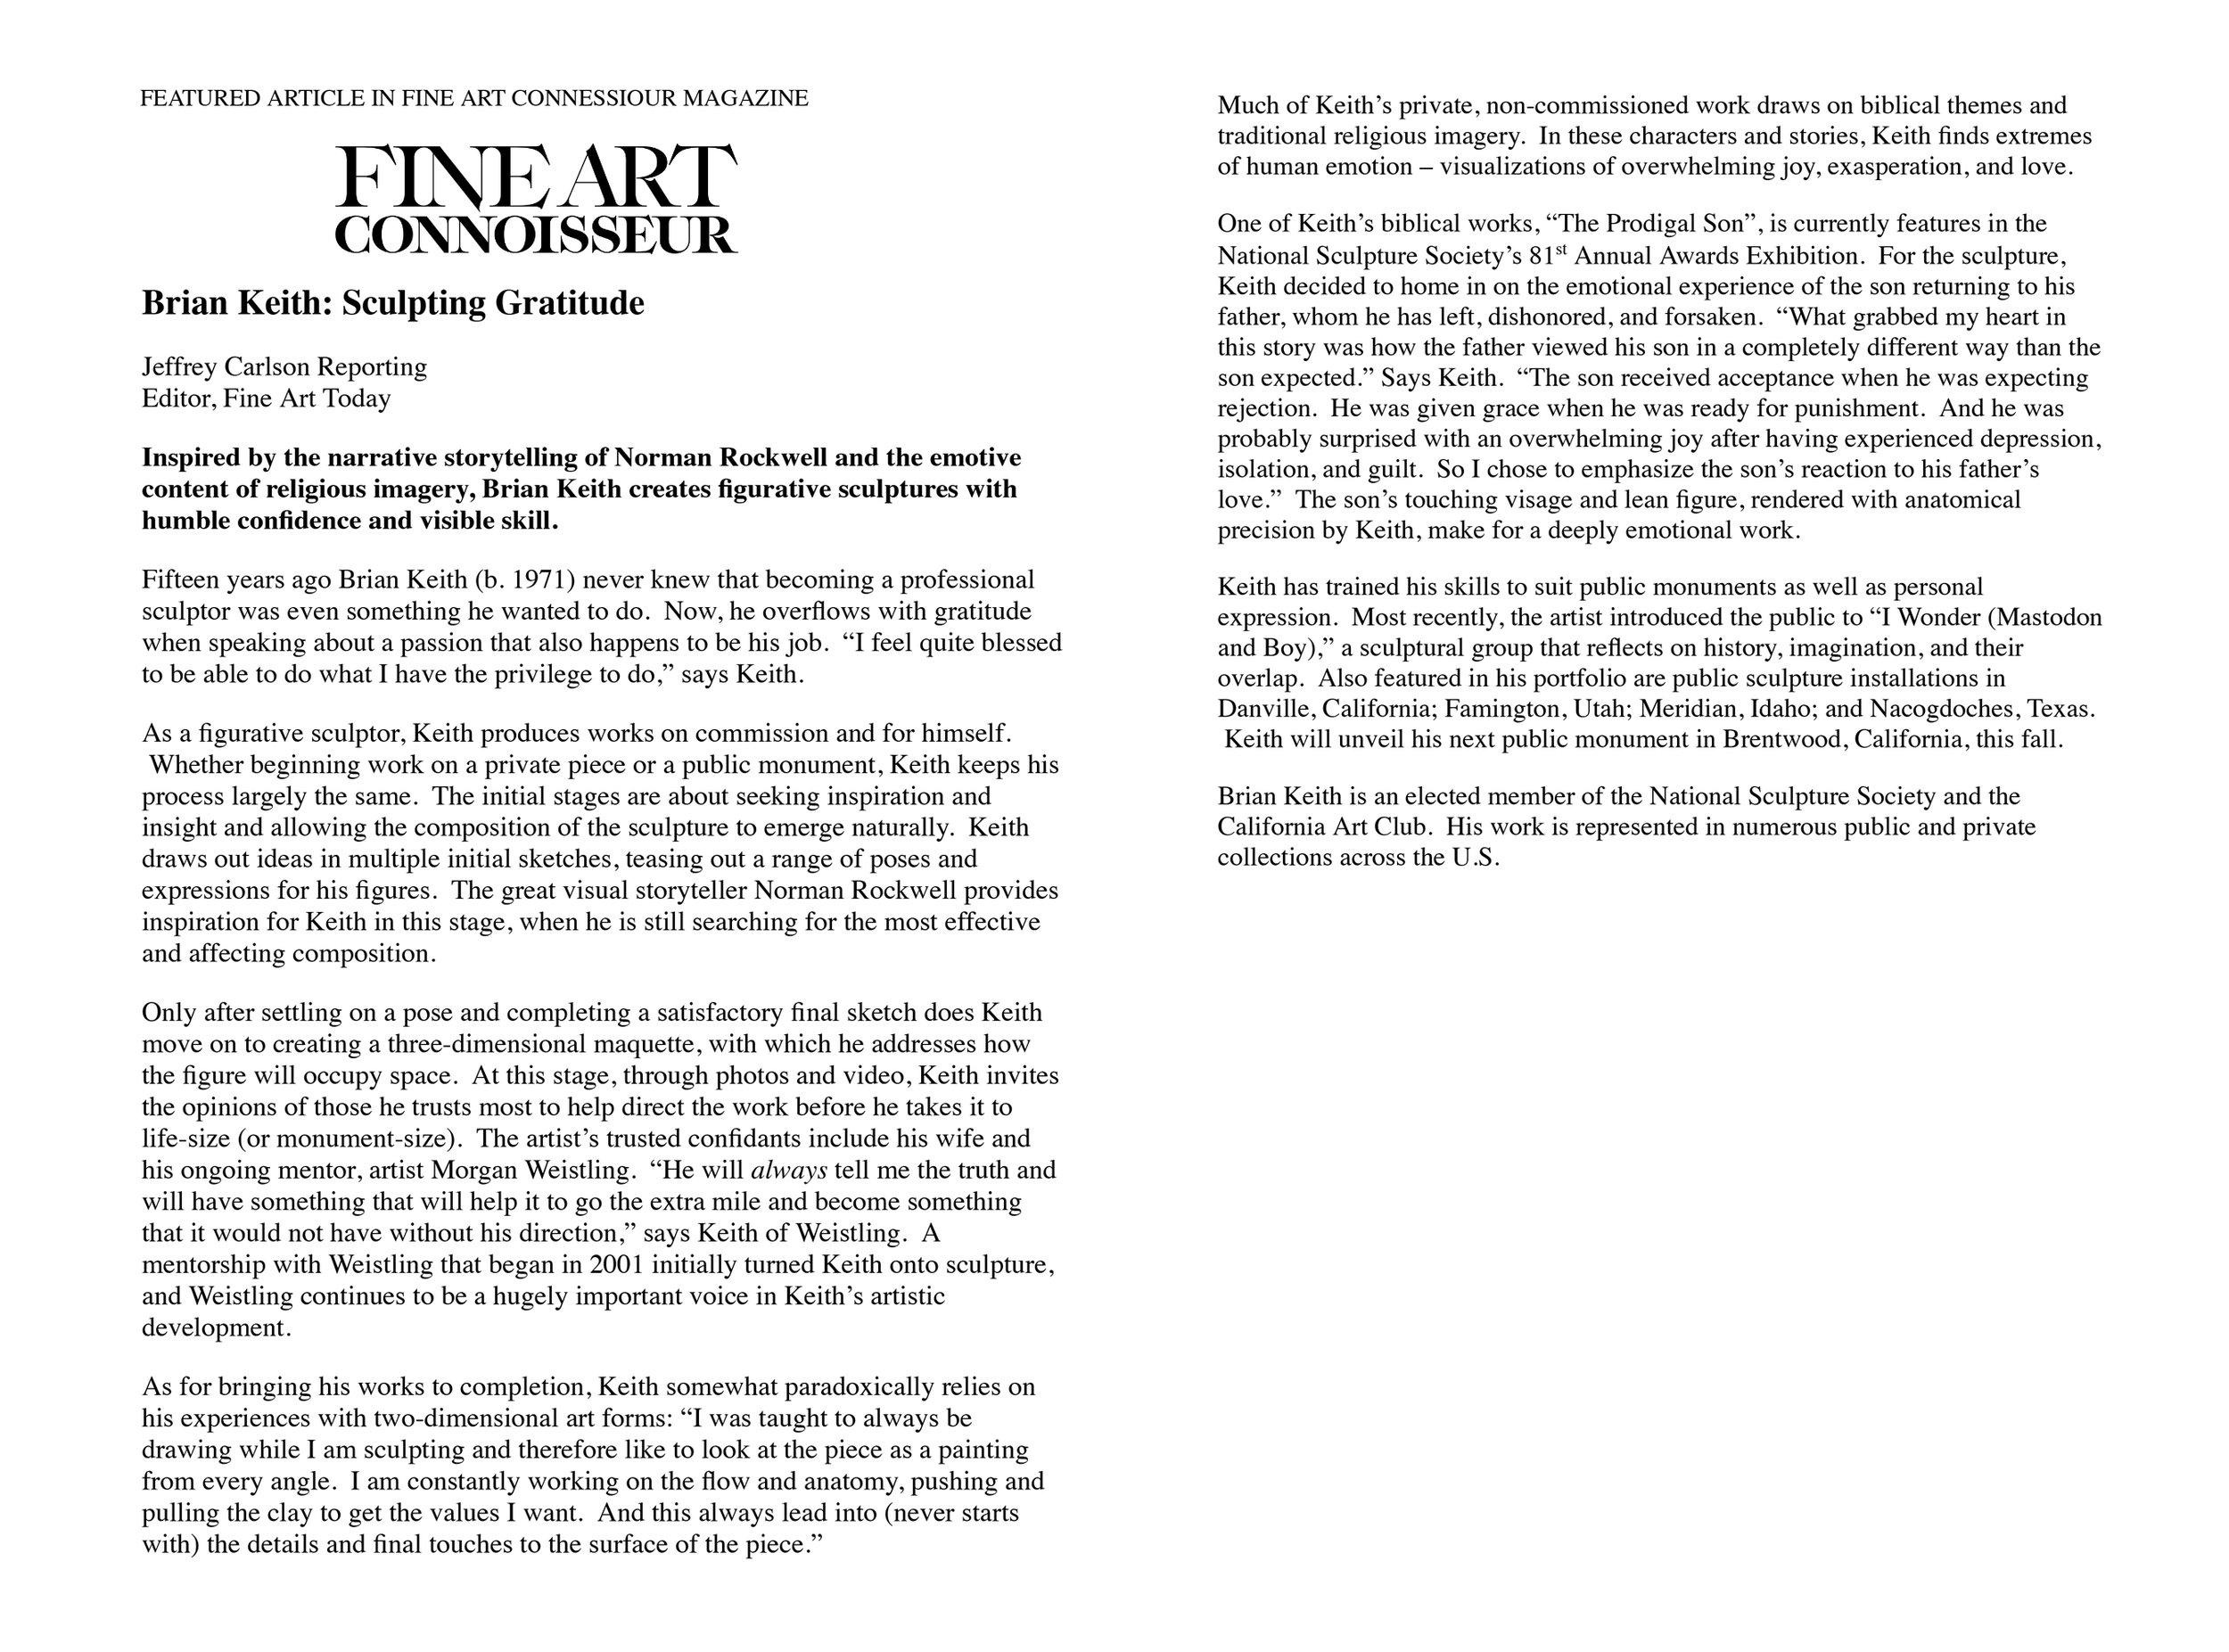 Fine Art Connoisseur Magazine Feature Article